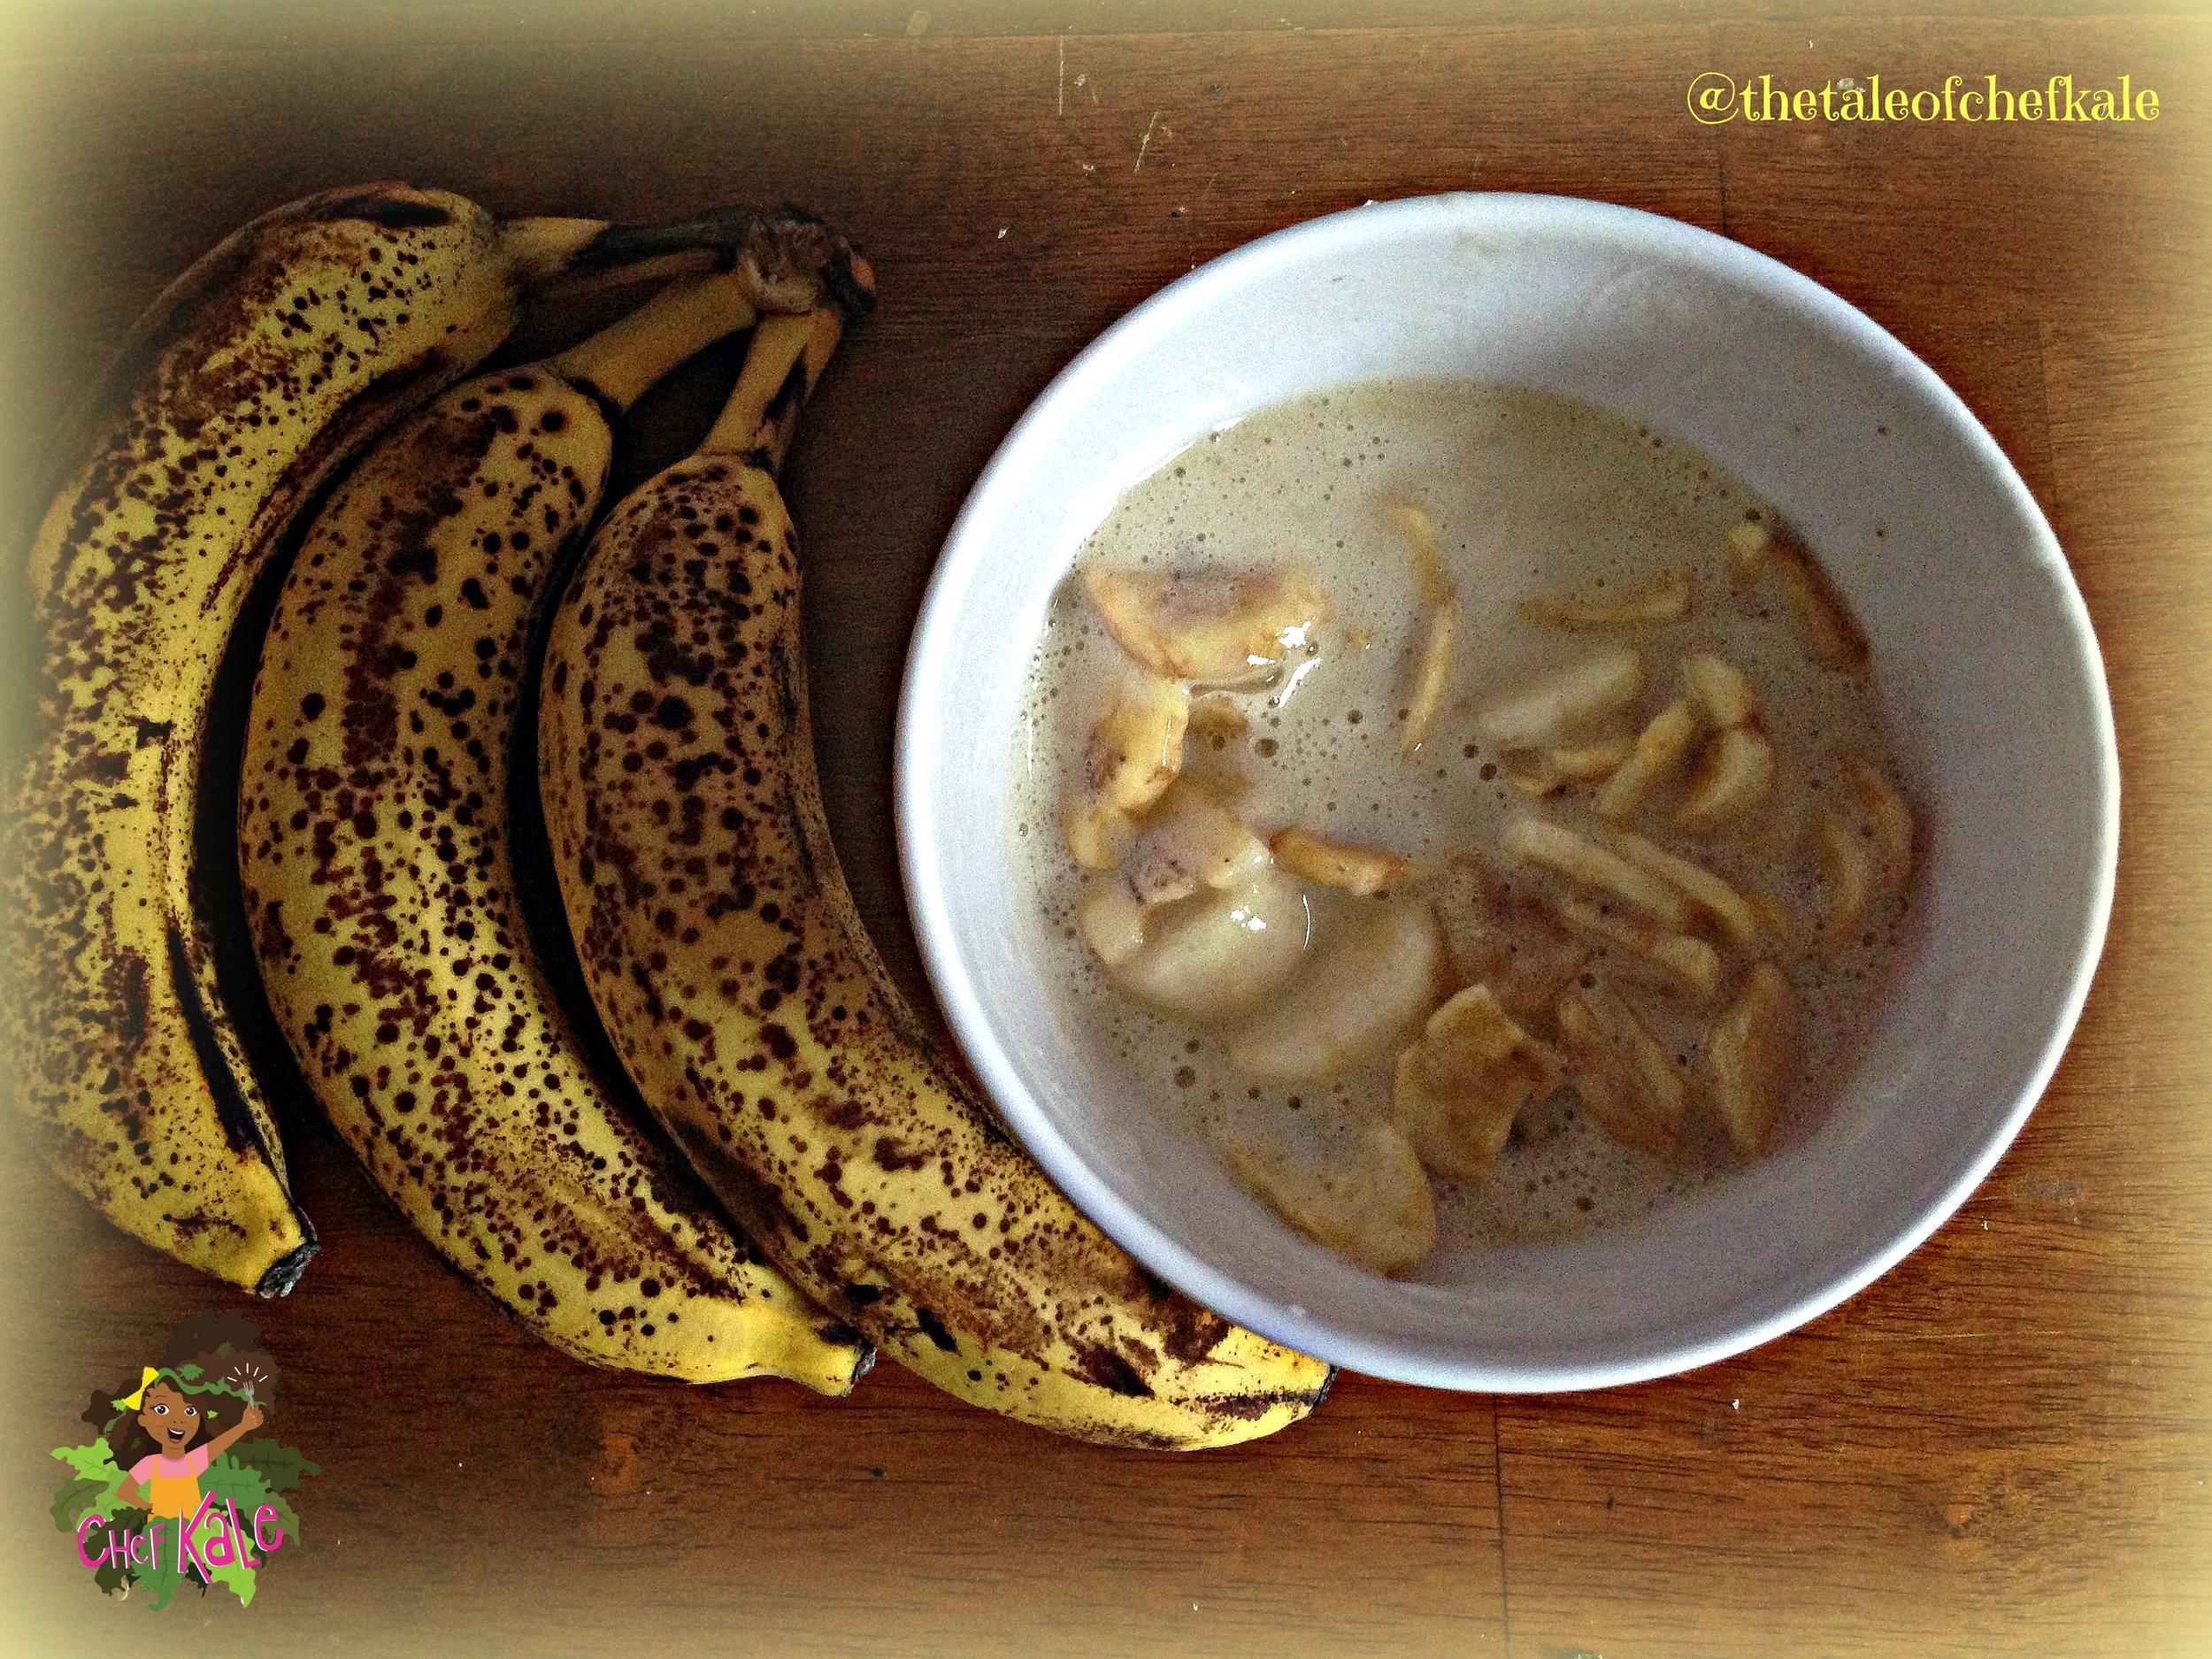 3 bananas, and 2 sliced bananas in Hay's Banana Milk